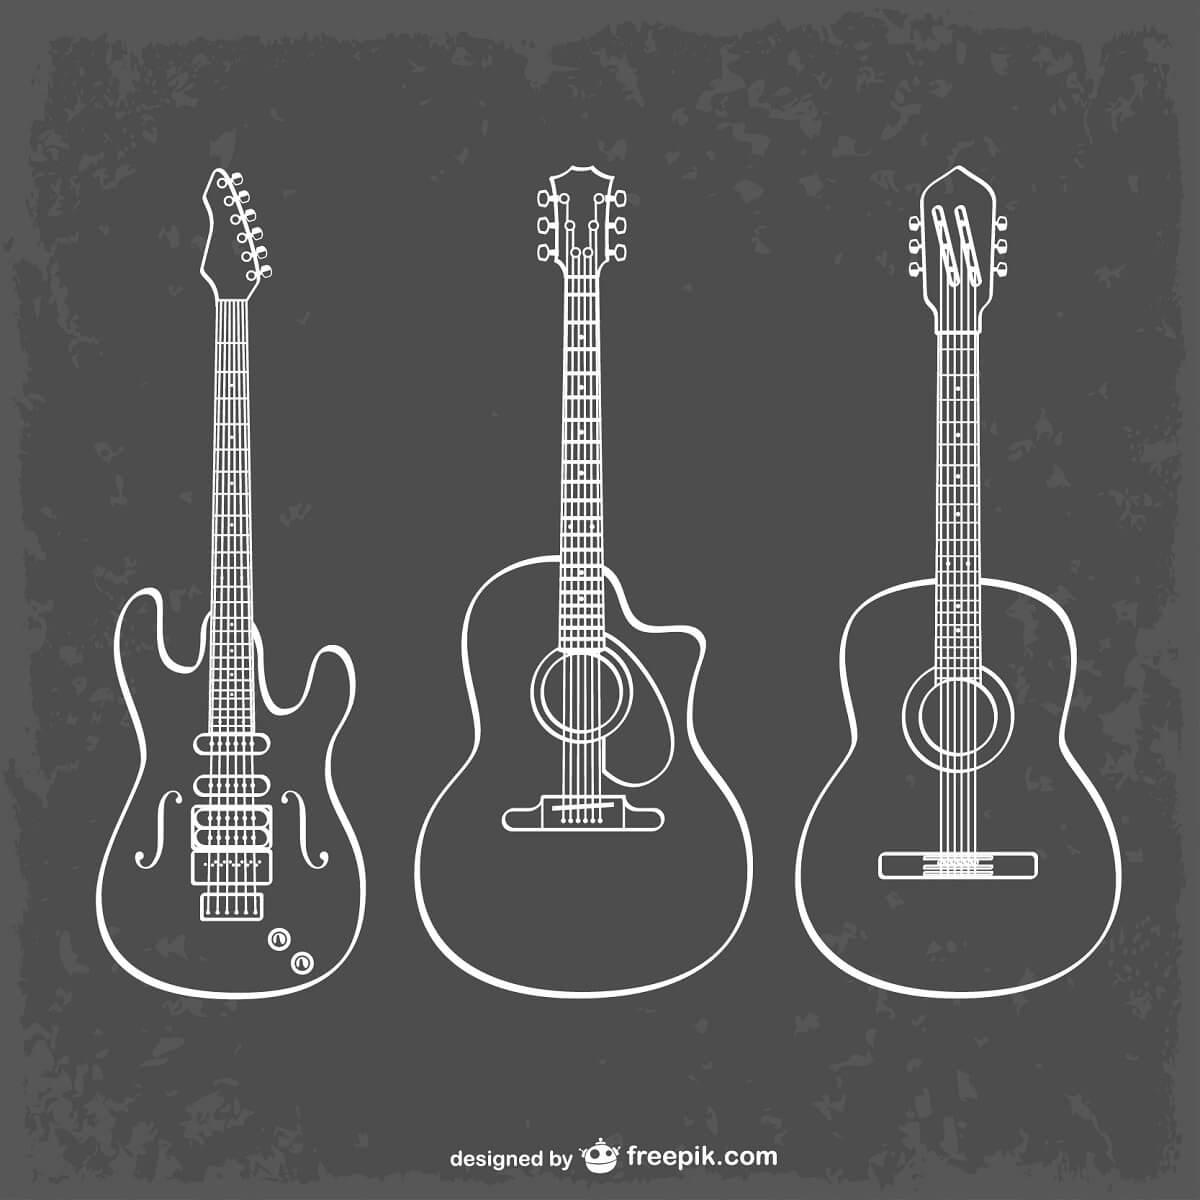 ギターの始め方!必要な準備物とは?はじめての練習法とは?